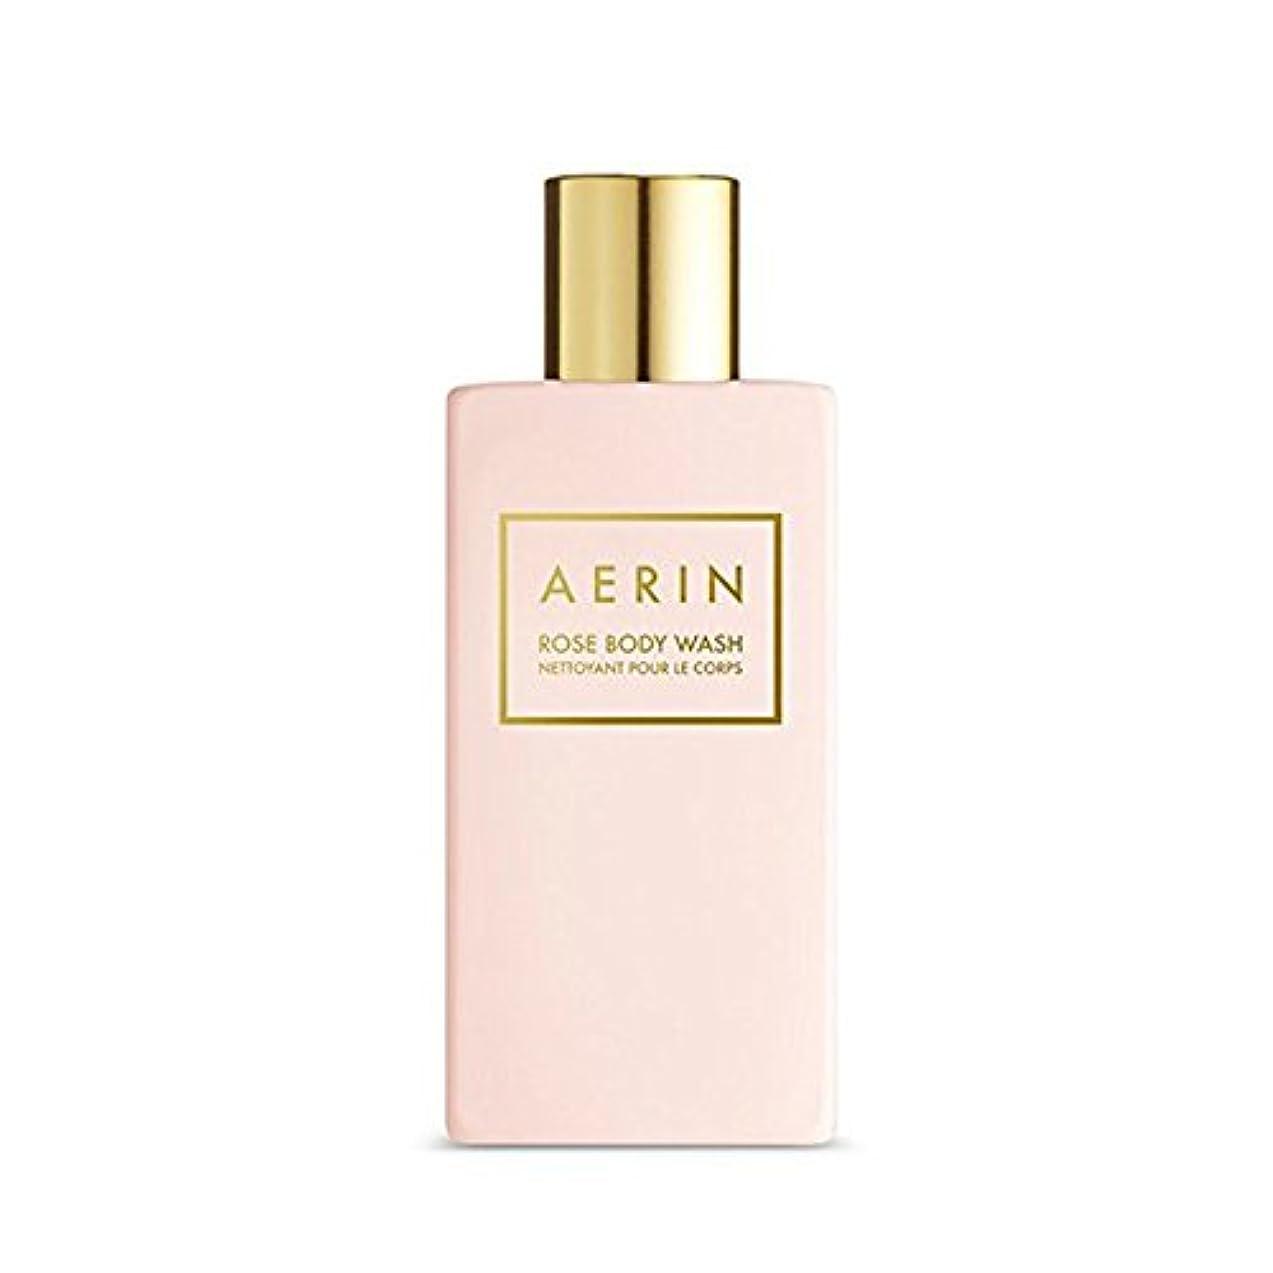 びっくりする感覚ボックスAERIN Rose Body Wash(アエリン ローズ ボディー ウオッシュ) 7.6 oz (225ml) by Estee Lauder